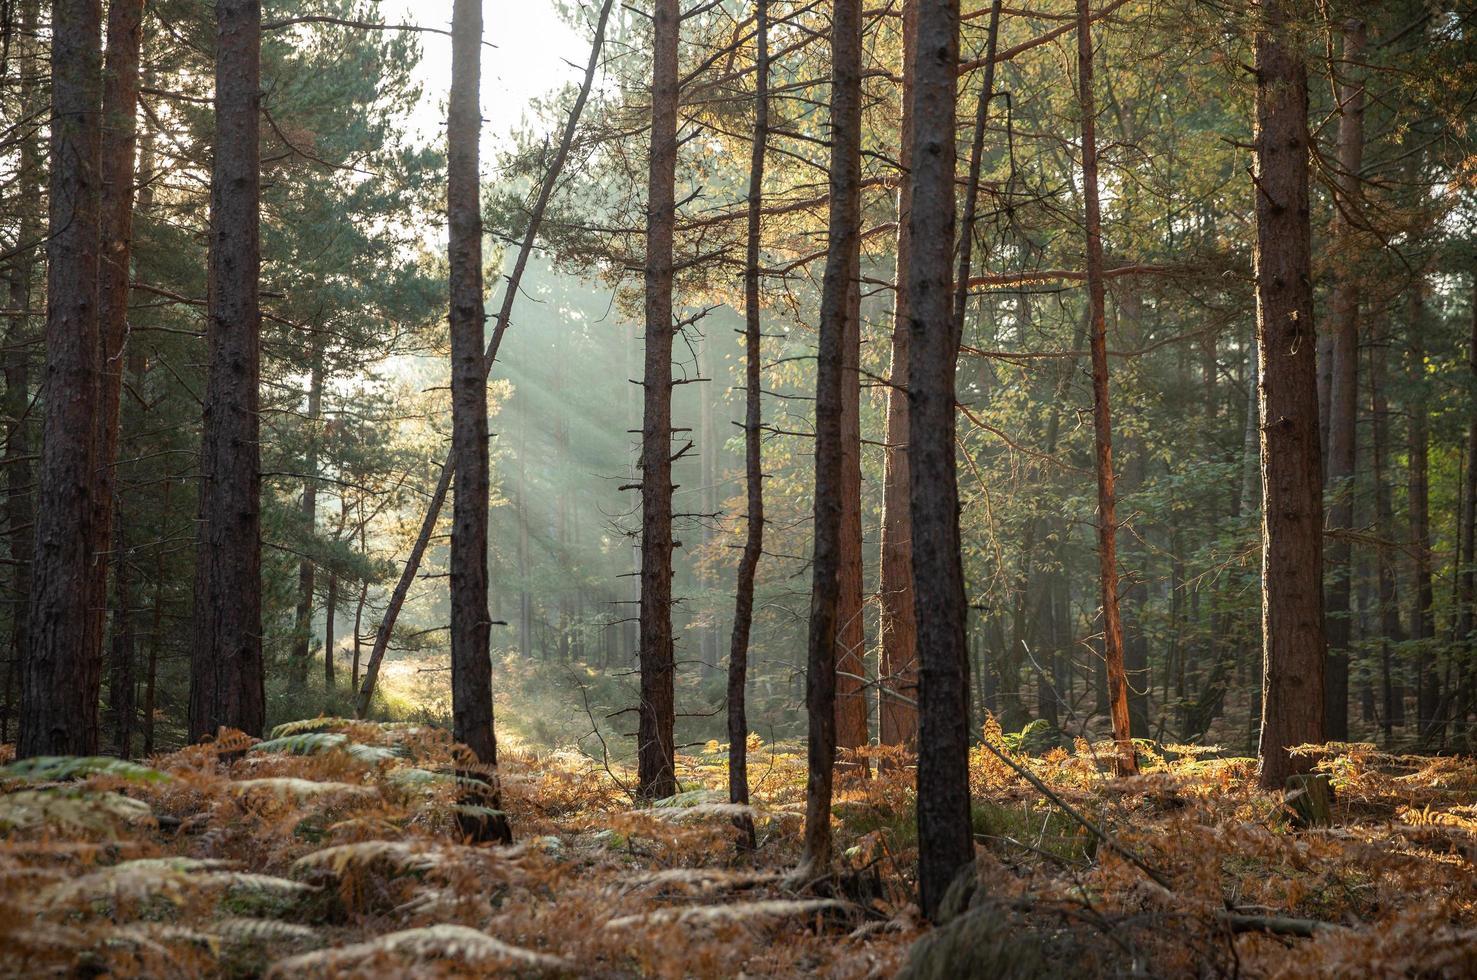 sol a través de los árboles foto